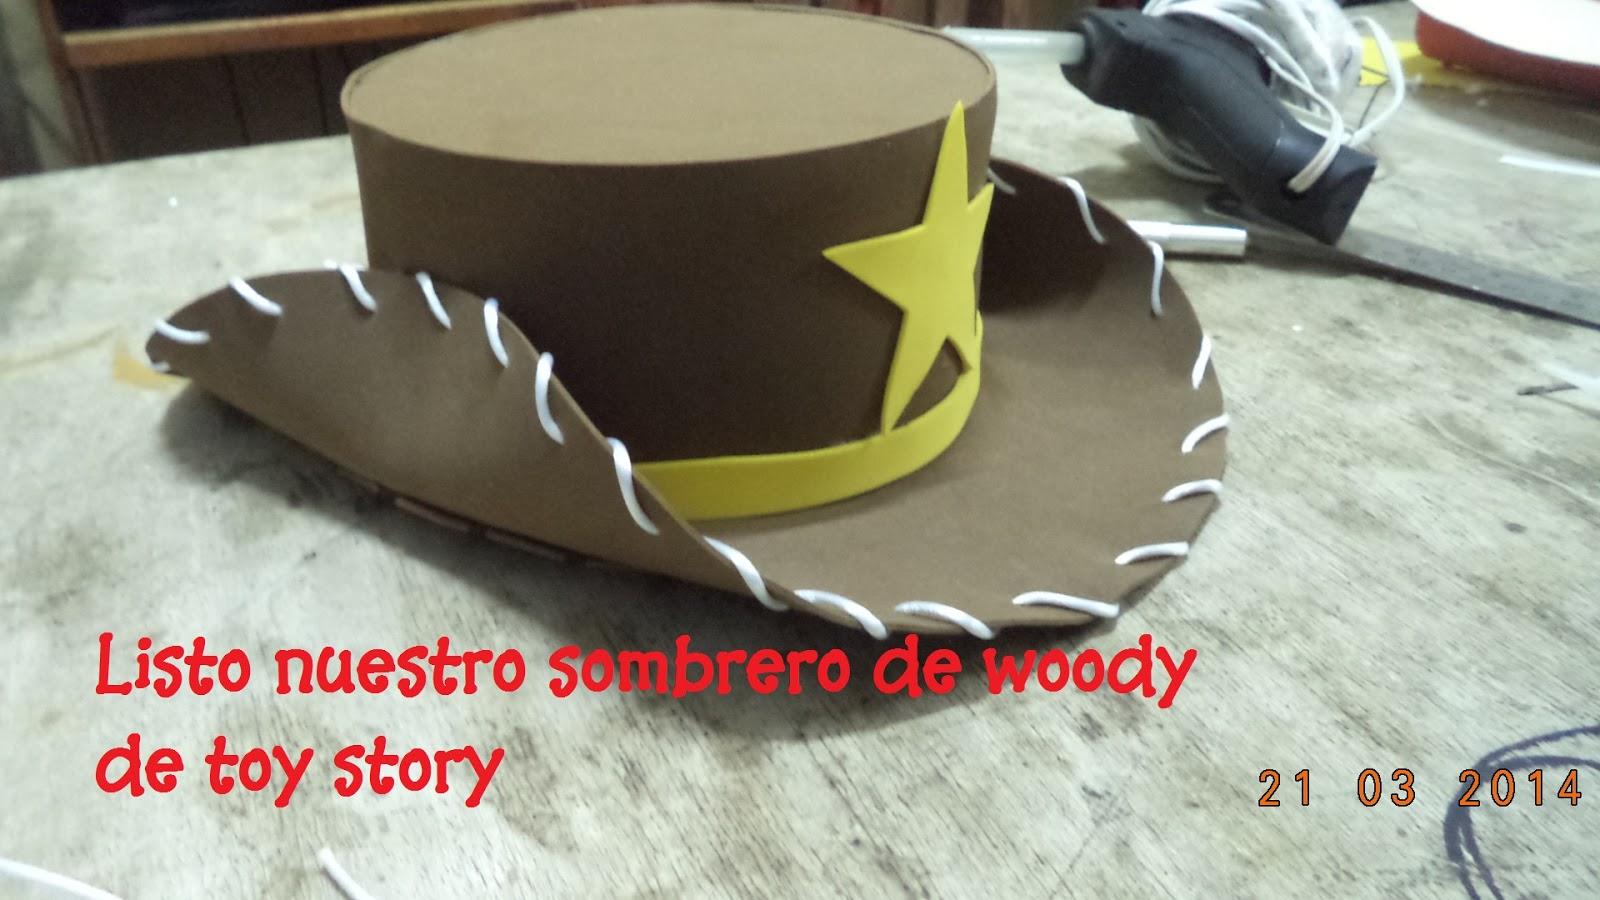 Creaciones Samadith Peru  SOMBRERO WOODY TOY STORY  44887796385